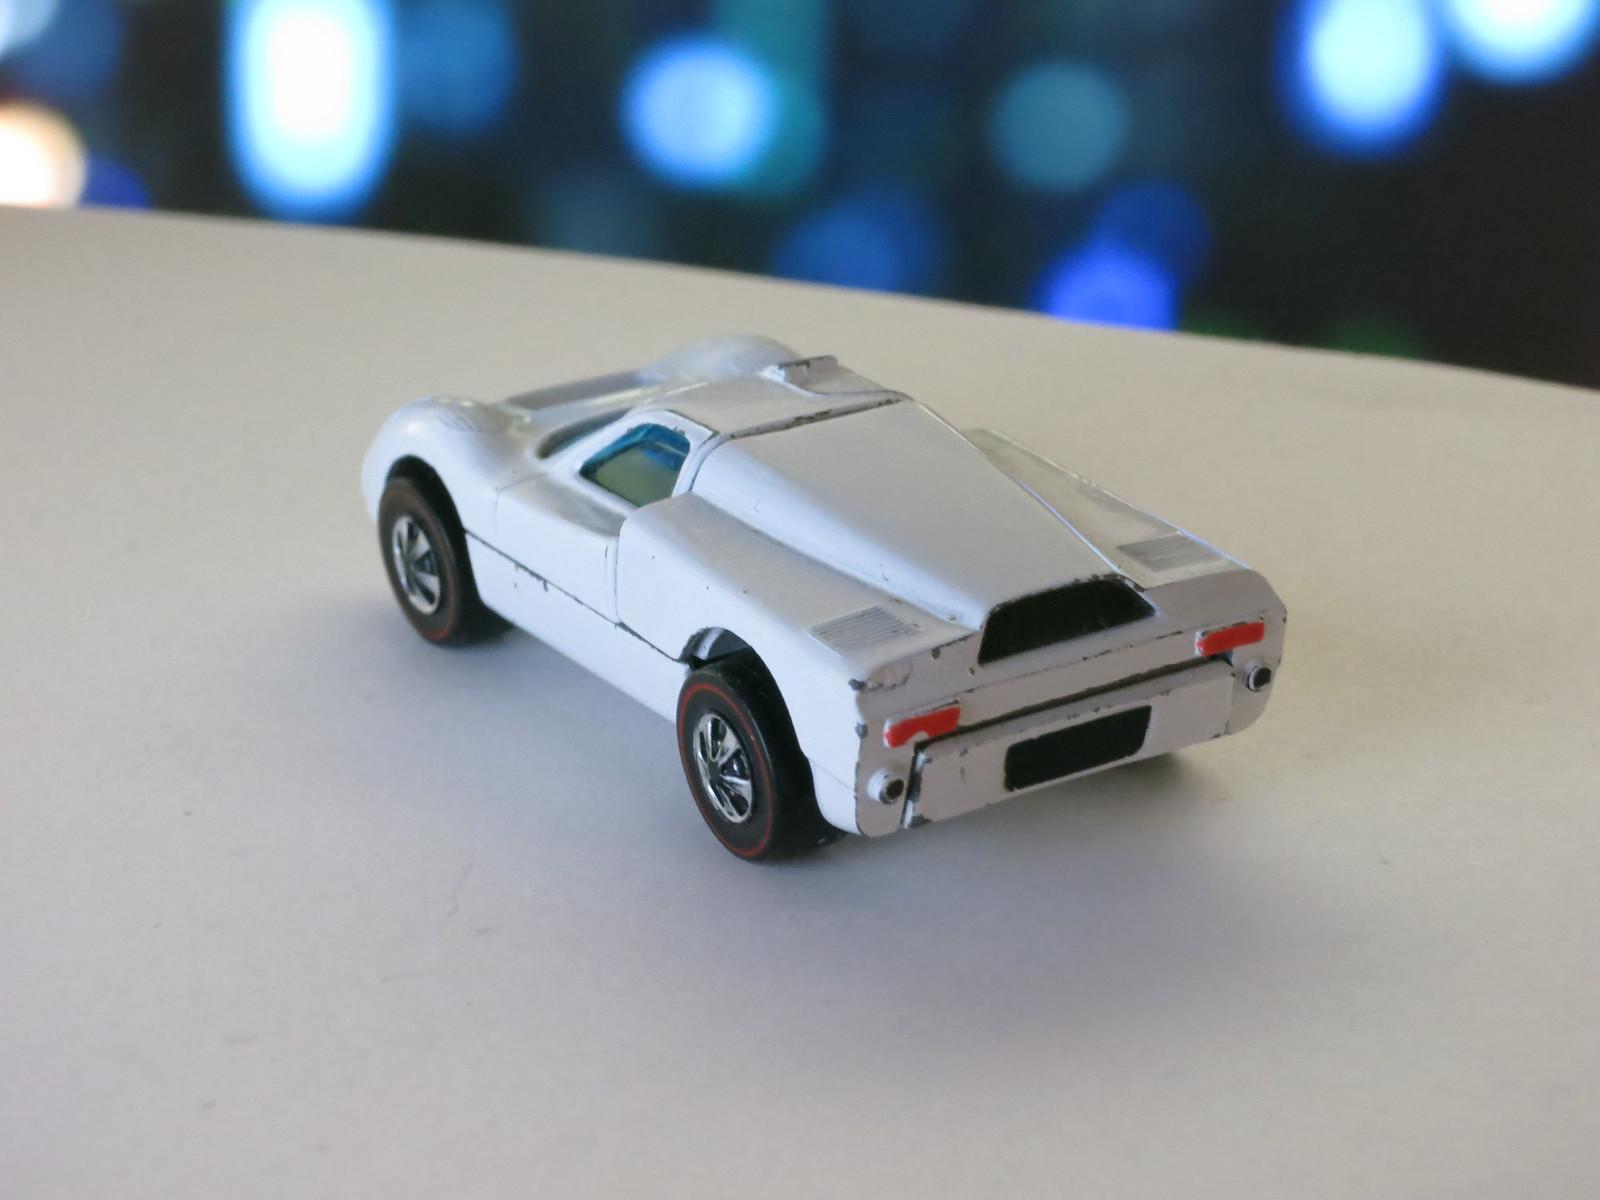 Hot Wheels Redline Early Production White Ford J-Car HK Hidden Hinge